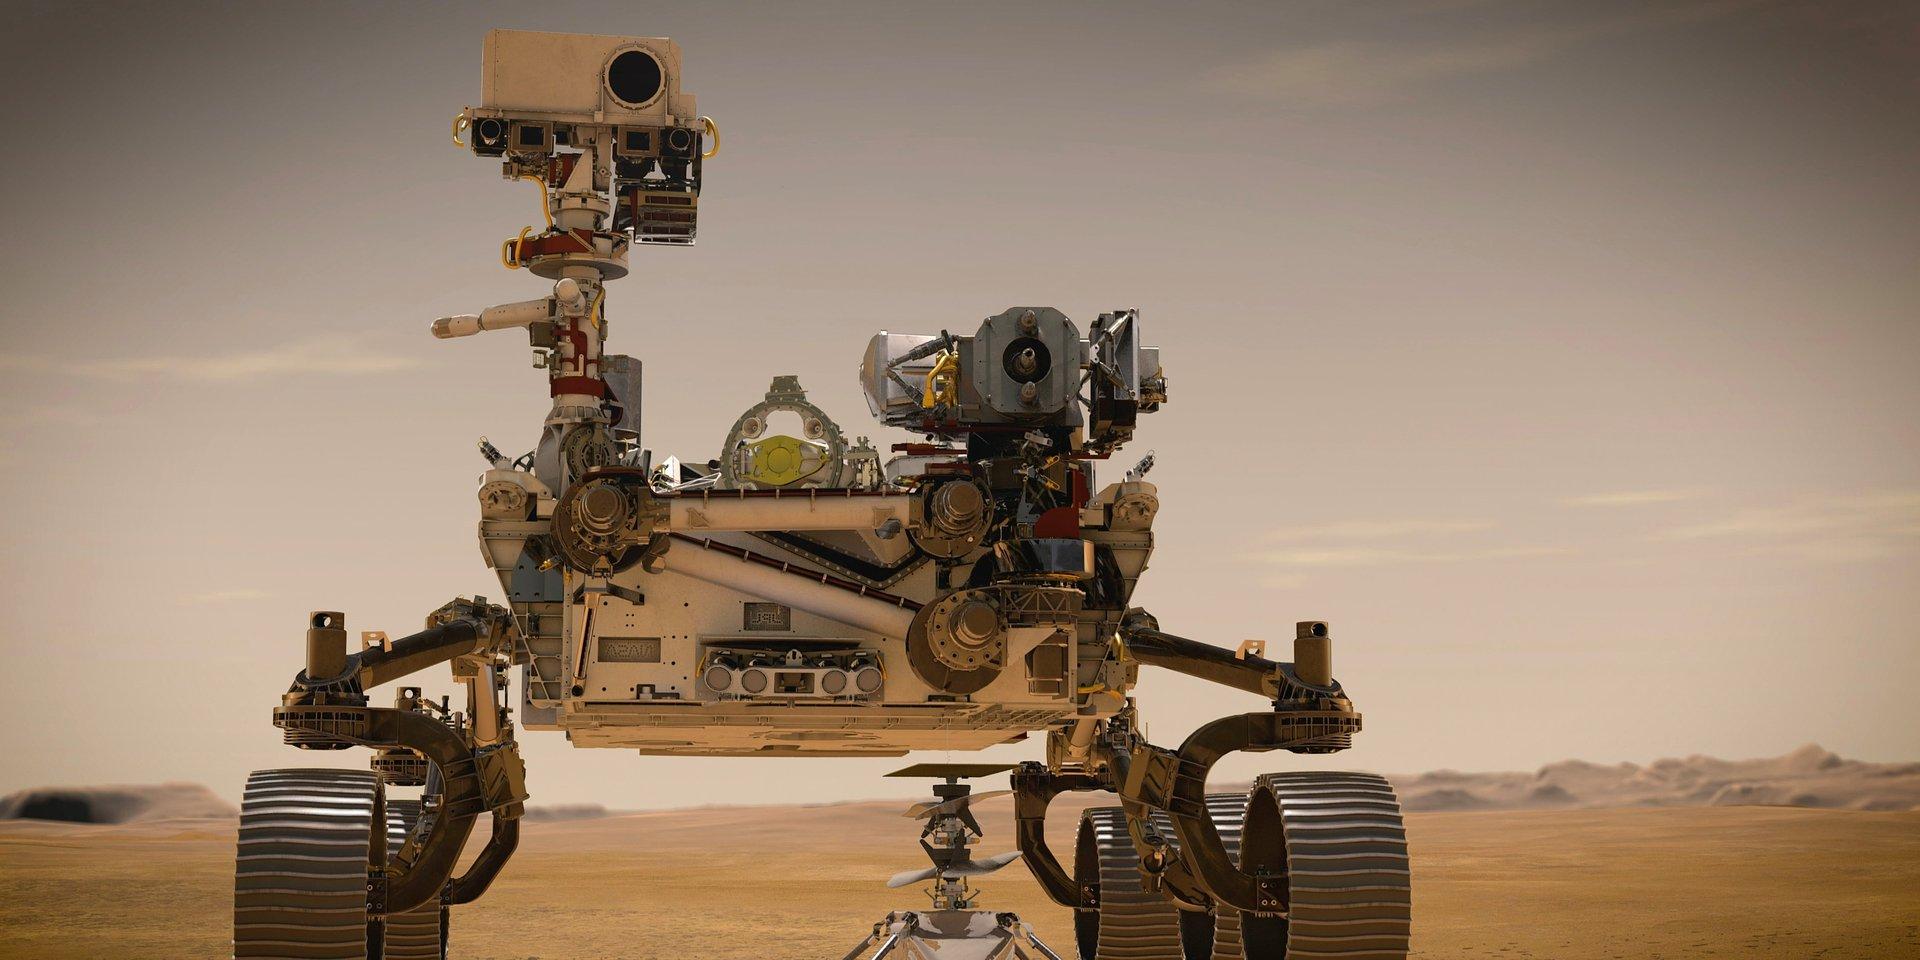 """W poszukiwaniu życia na Czerwonej Planecie. Premiera dokumentu """"Łazik Perseverance: z misją na Marsa"""" w National Geographic."""